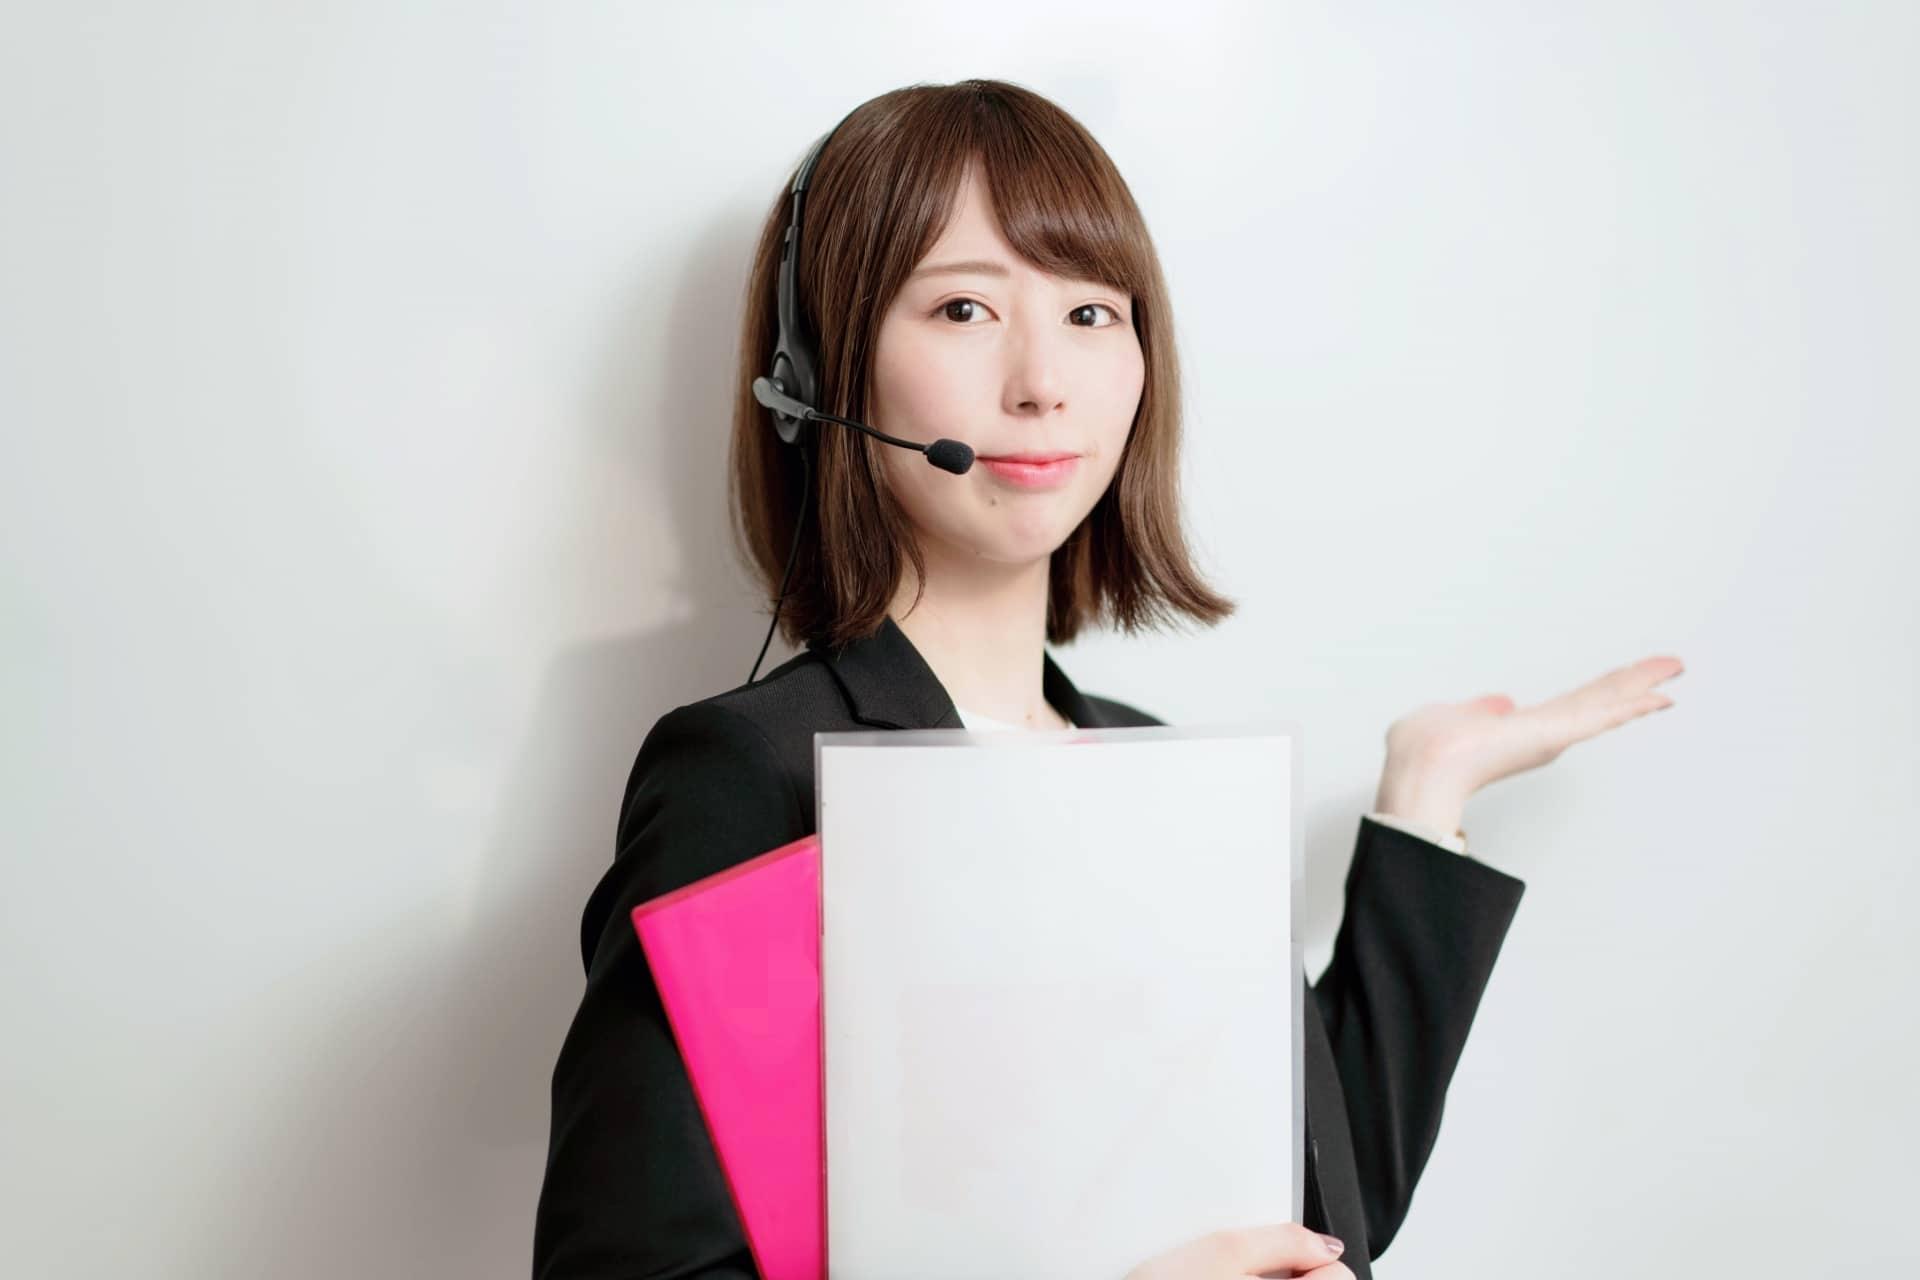 コールセンターの女性